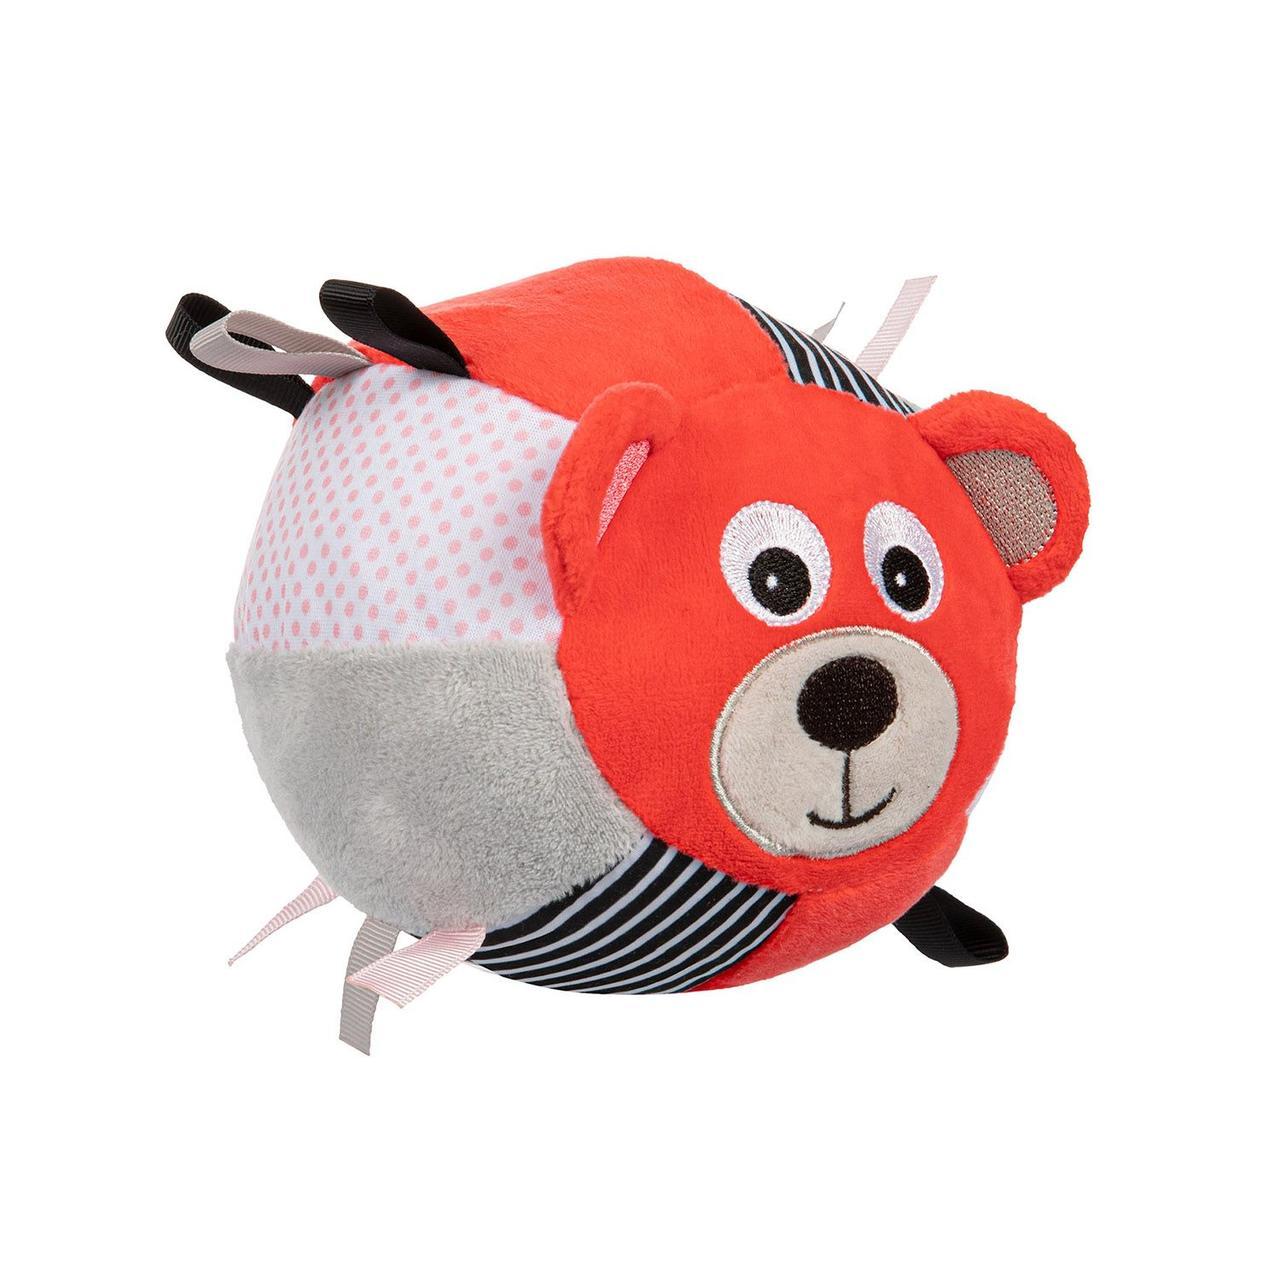 Іграшка-м'ячик м'яка з дзвоником BEARS - коралова Canpol babies 68/074_cor